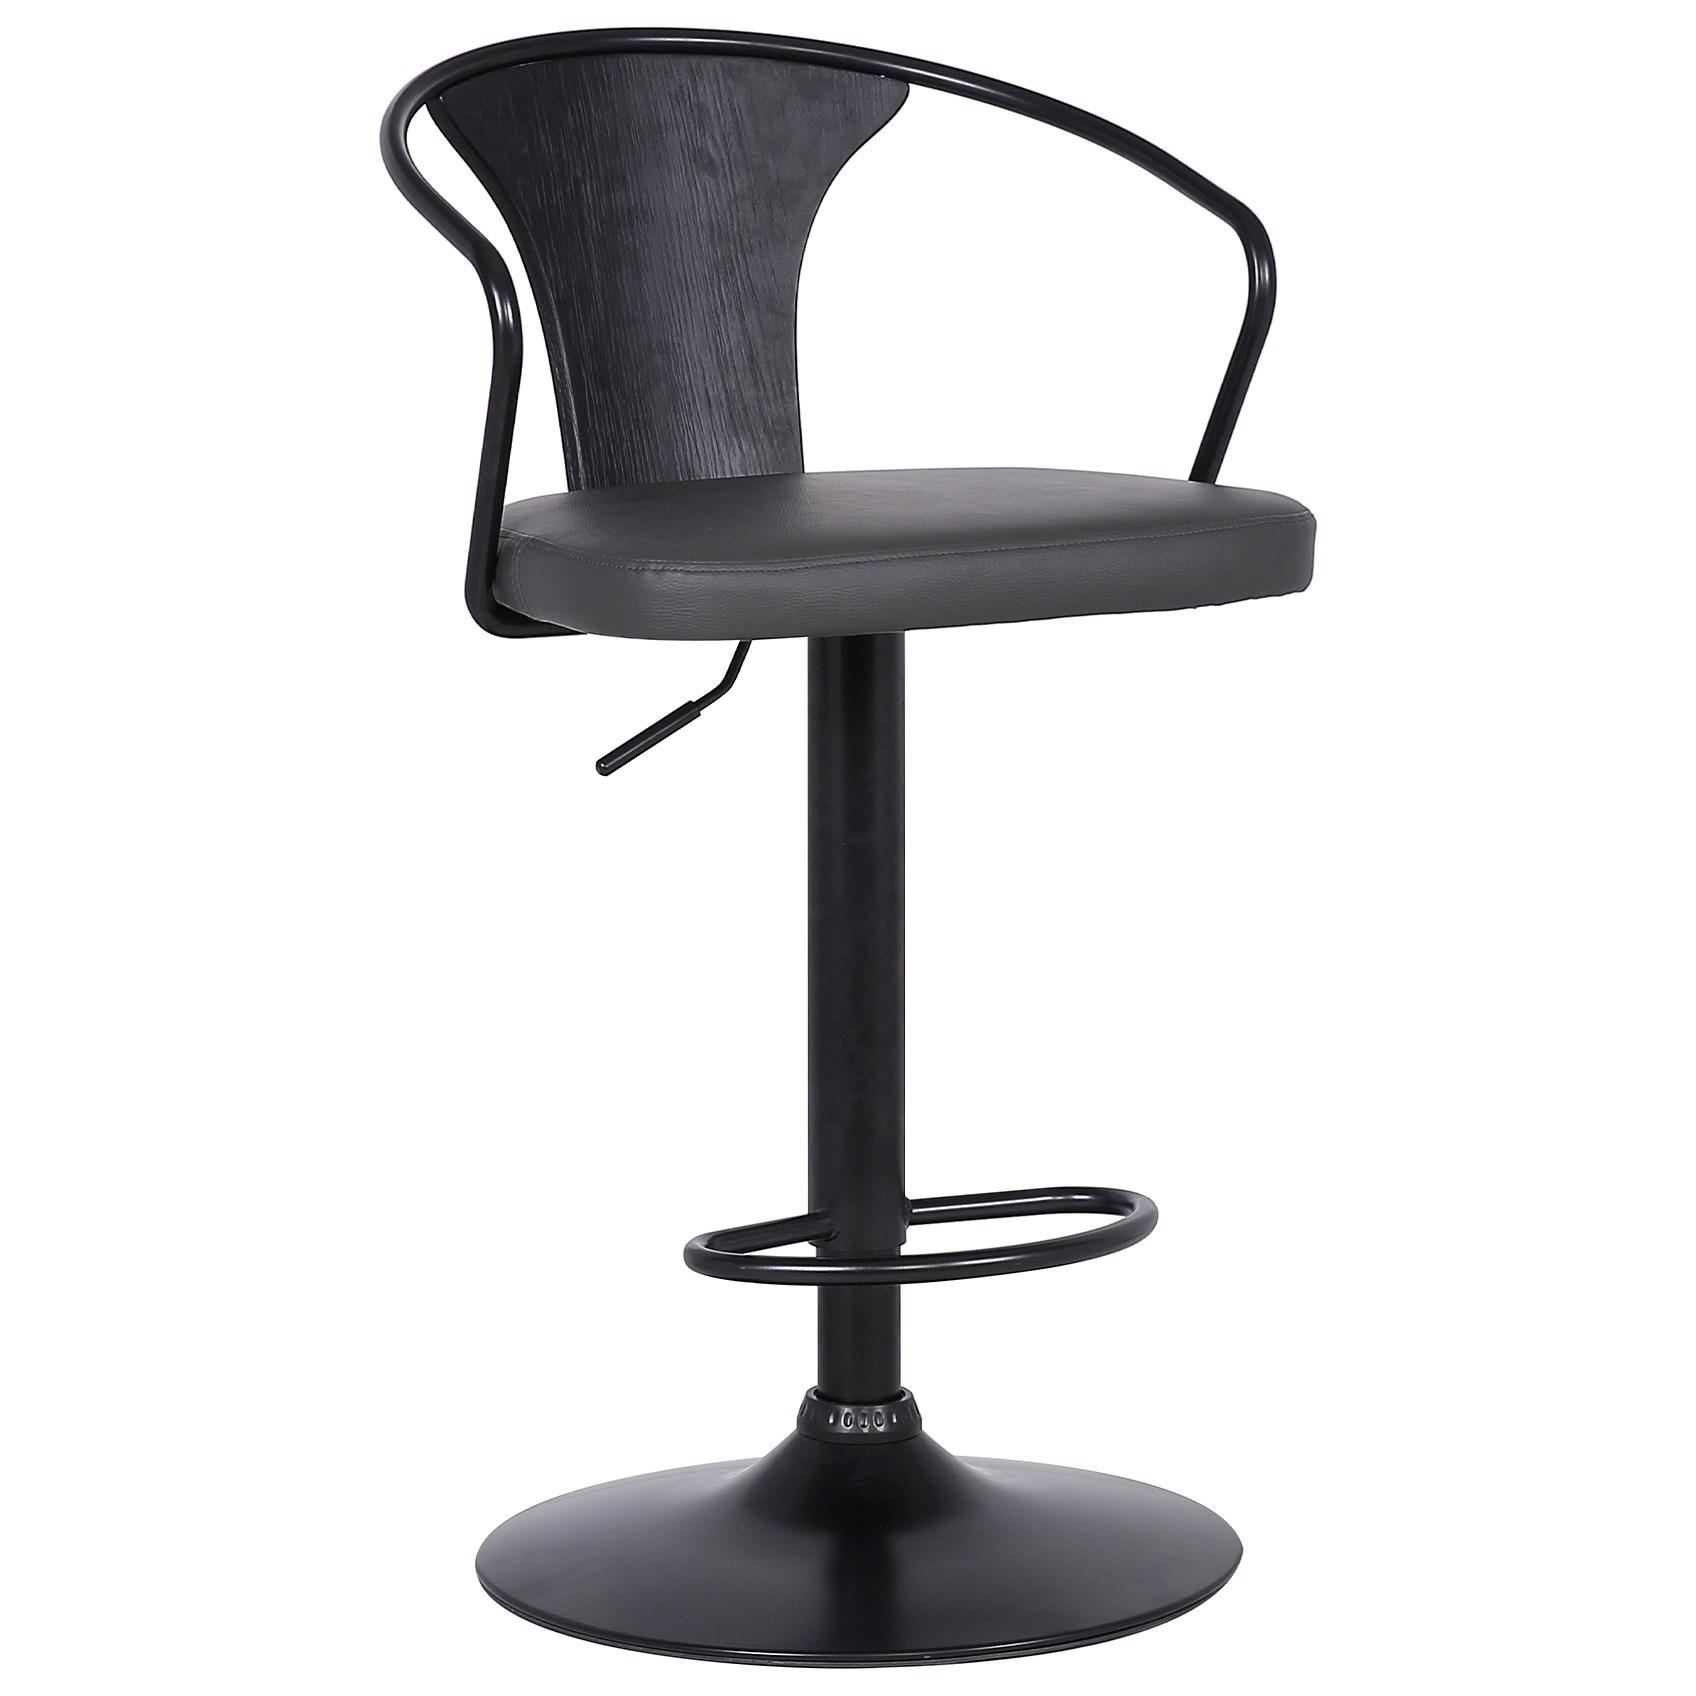 Contemporary Adjustable Barstool in Black Powder Coated Finish and Black Brushed Wood Finish Back